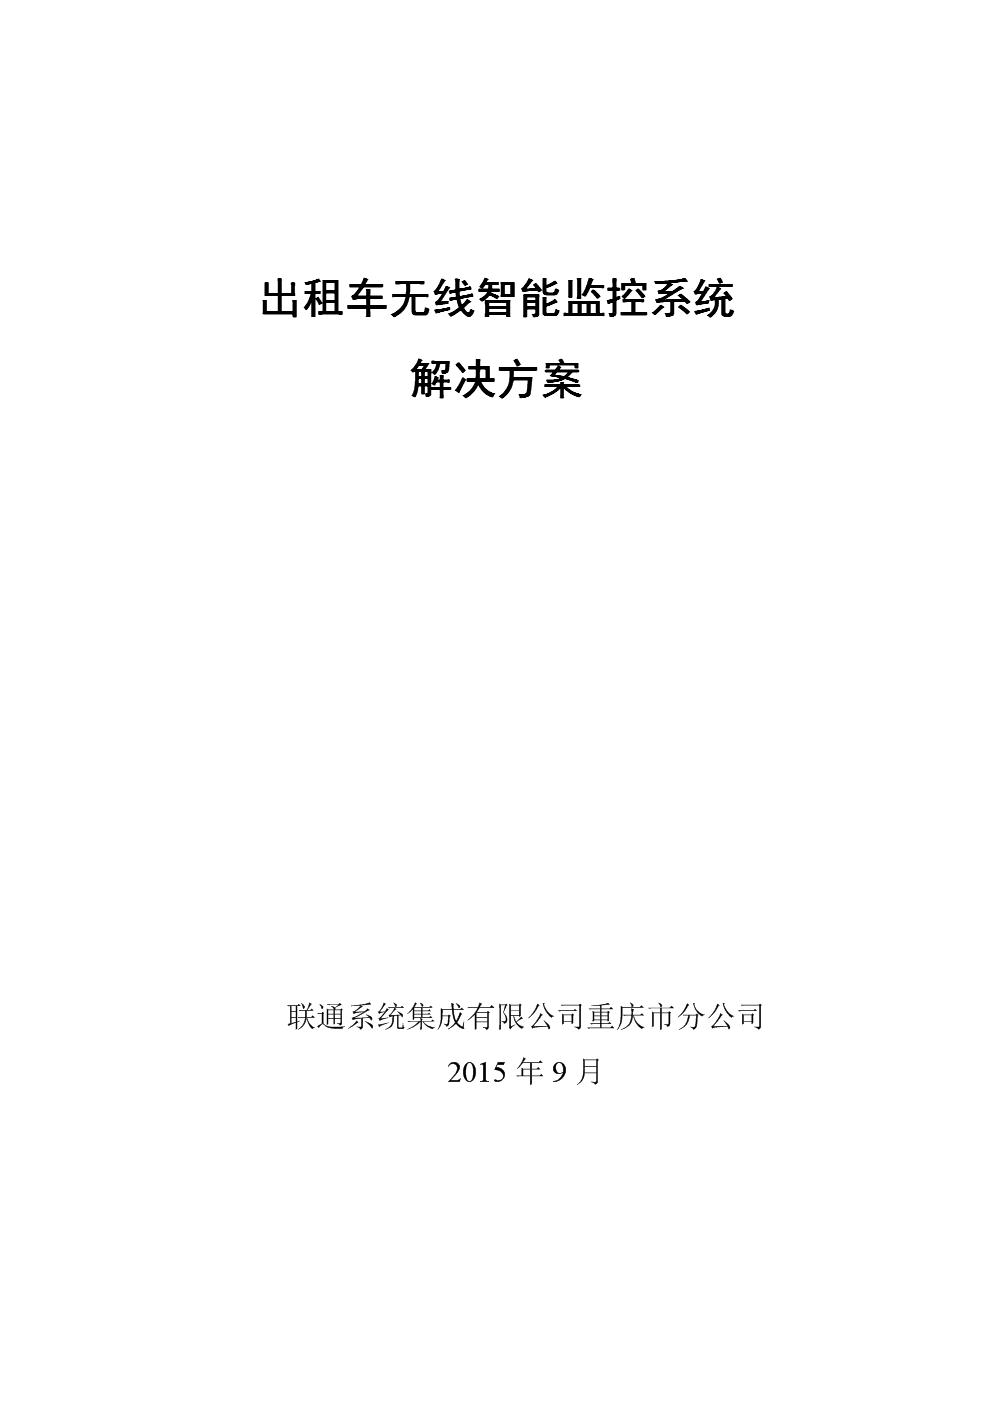 共享--重庆市铜梁区出租车无线智能监控系统解决方案.doc